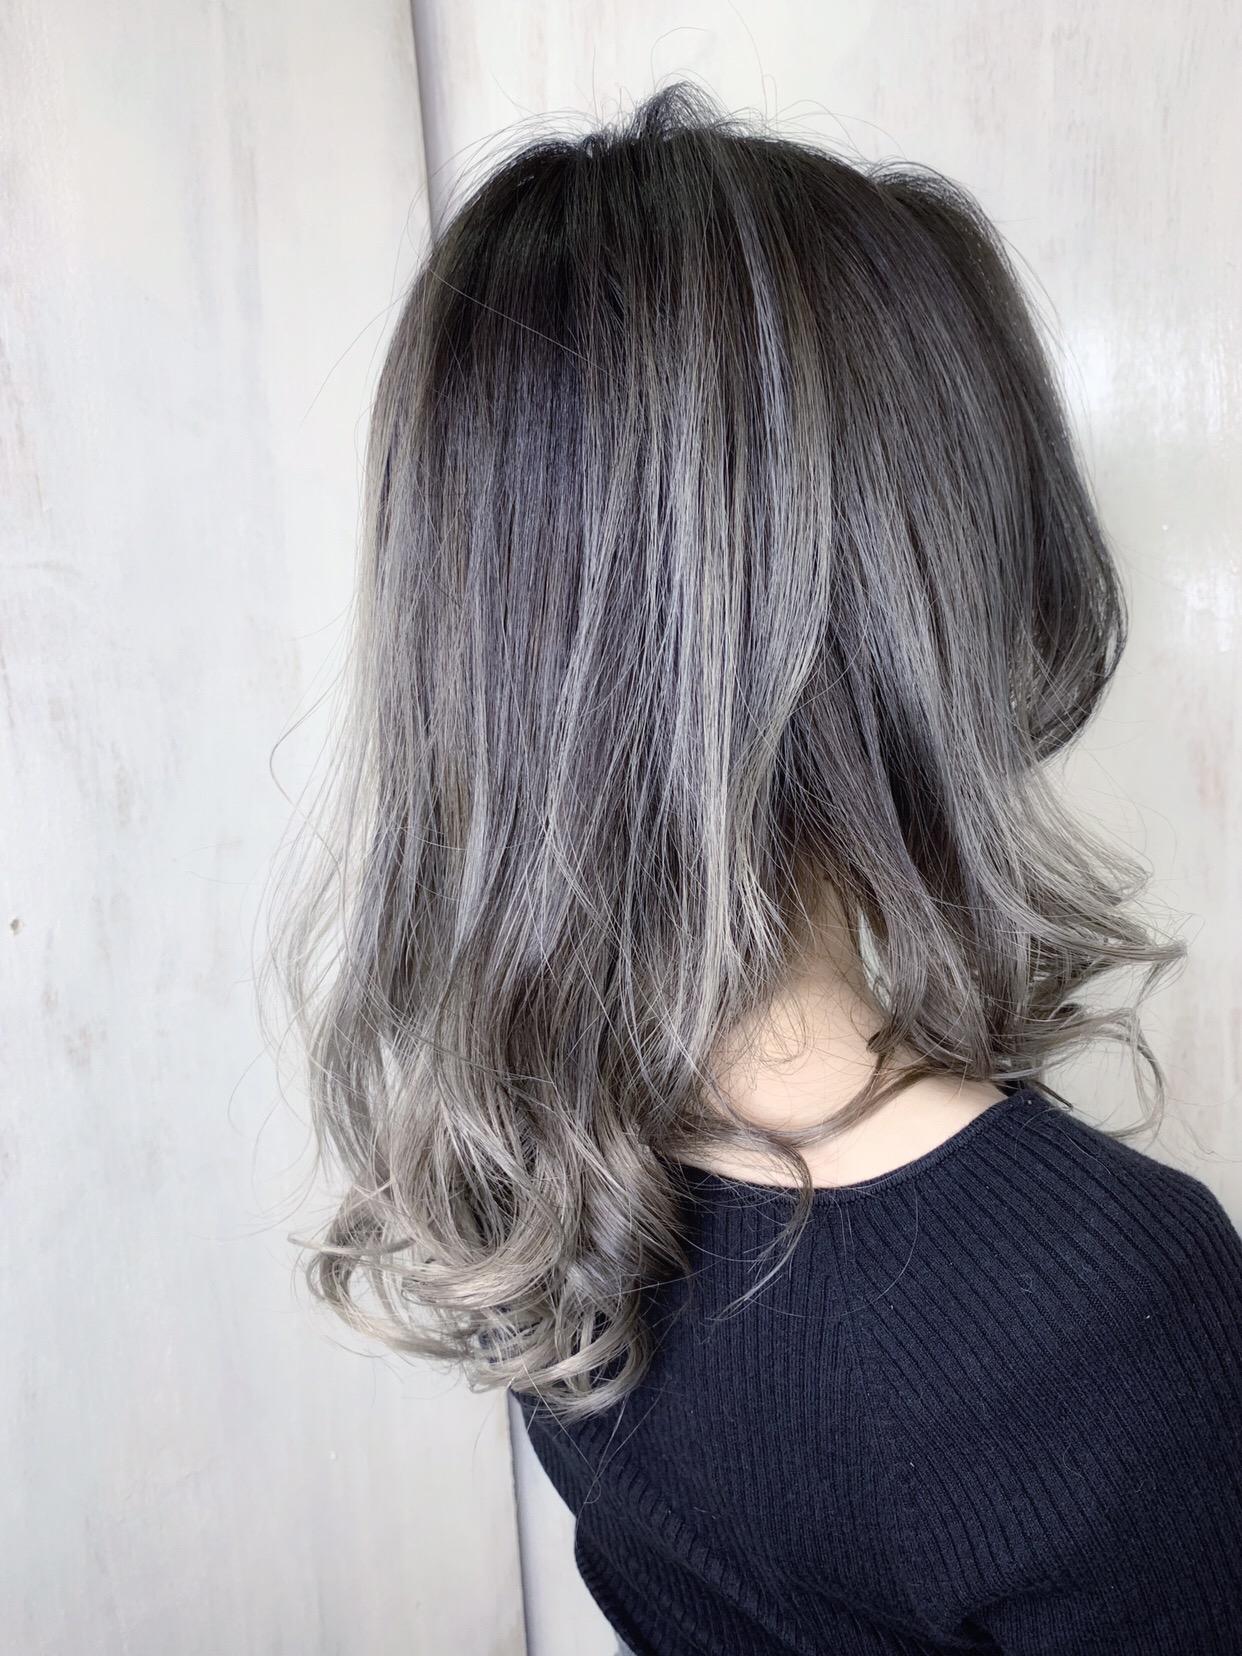 オレオルカラーで髪のダメージを抑えてカラーを楽しむ。原宿・表参道『1000人をツヤ髪にヘアケア美容師の挑戦』